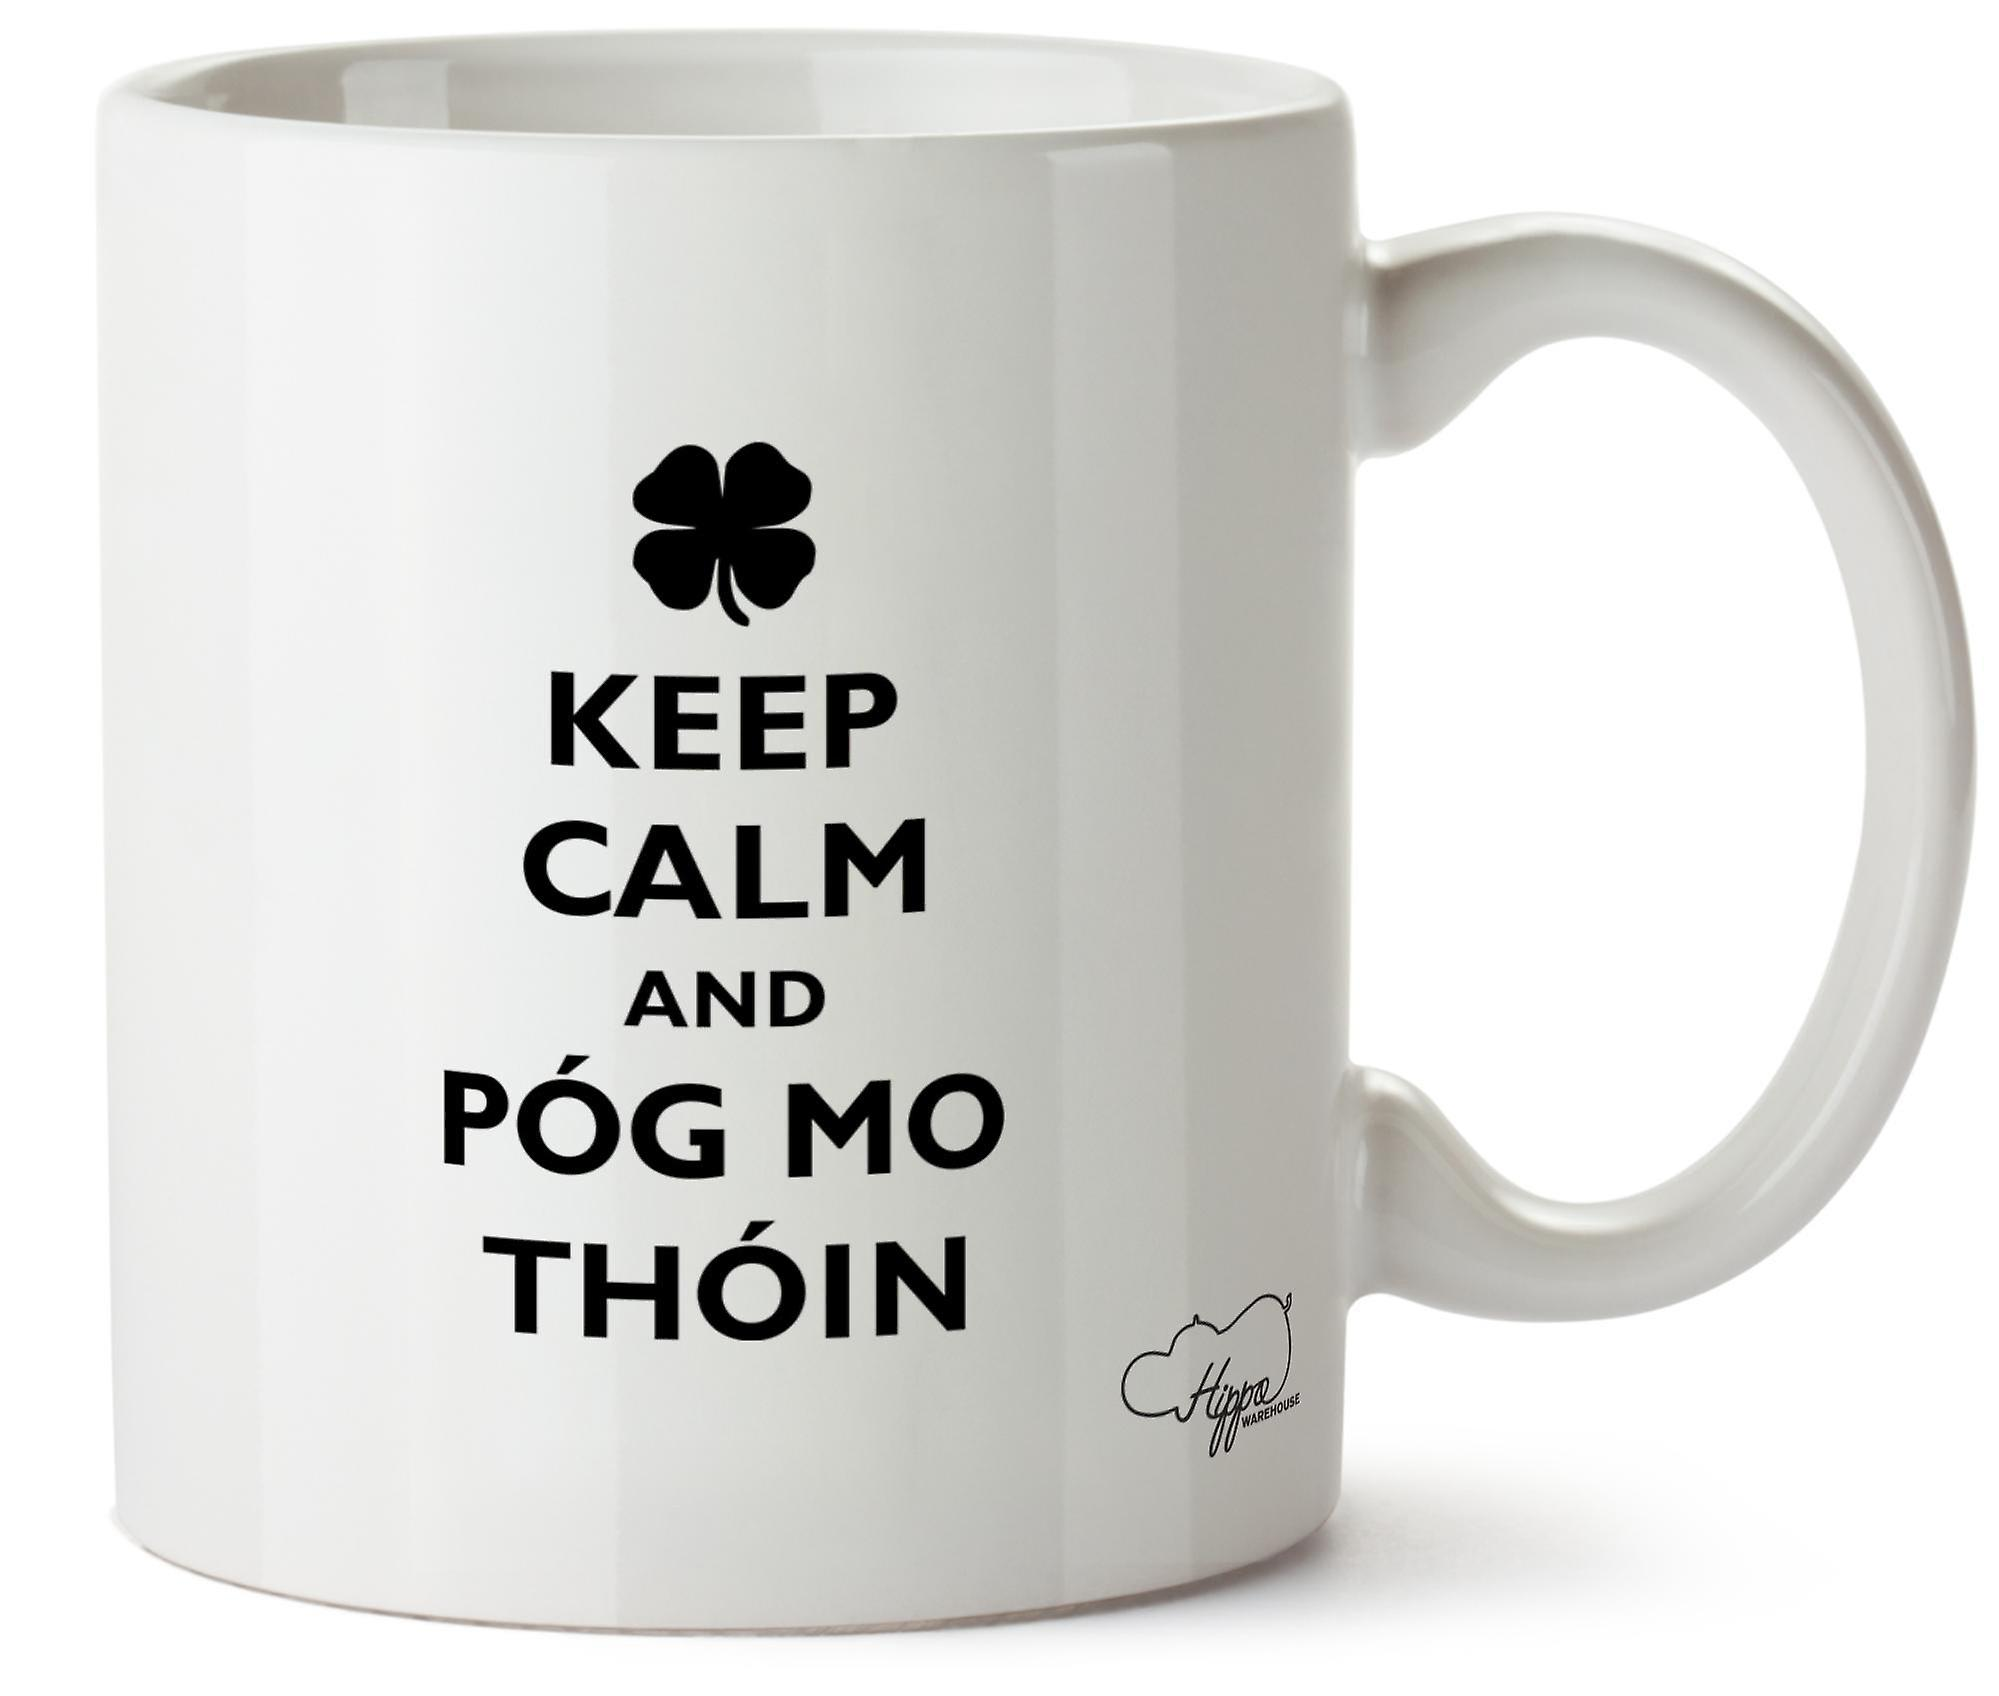 Hippowarehouse сохранить спокойствие и Pog Mo Thoin (поцеловать мою задницу) напечатаны Кубка керамическая кружка 10oz